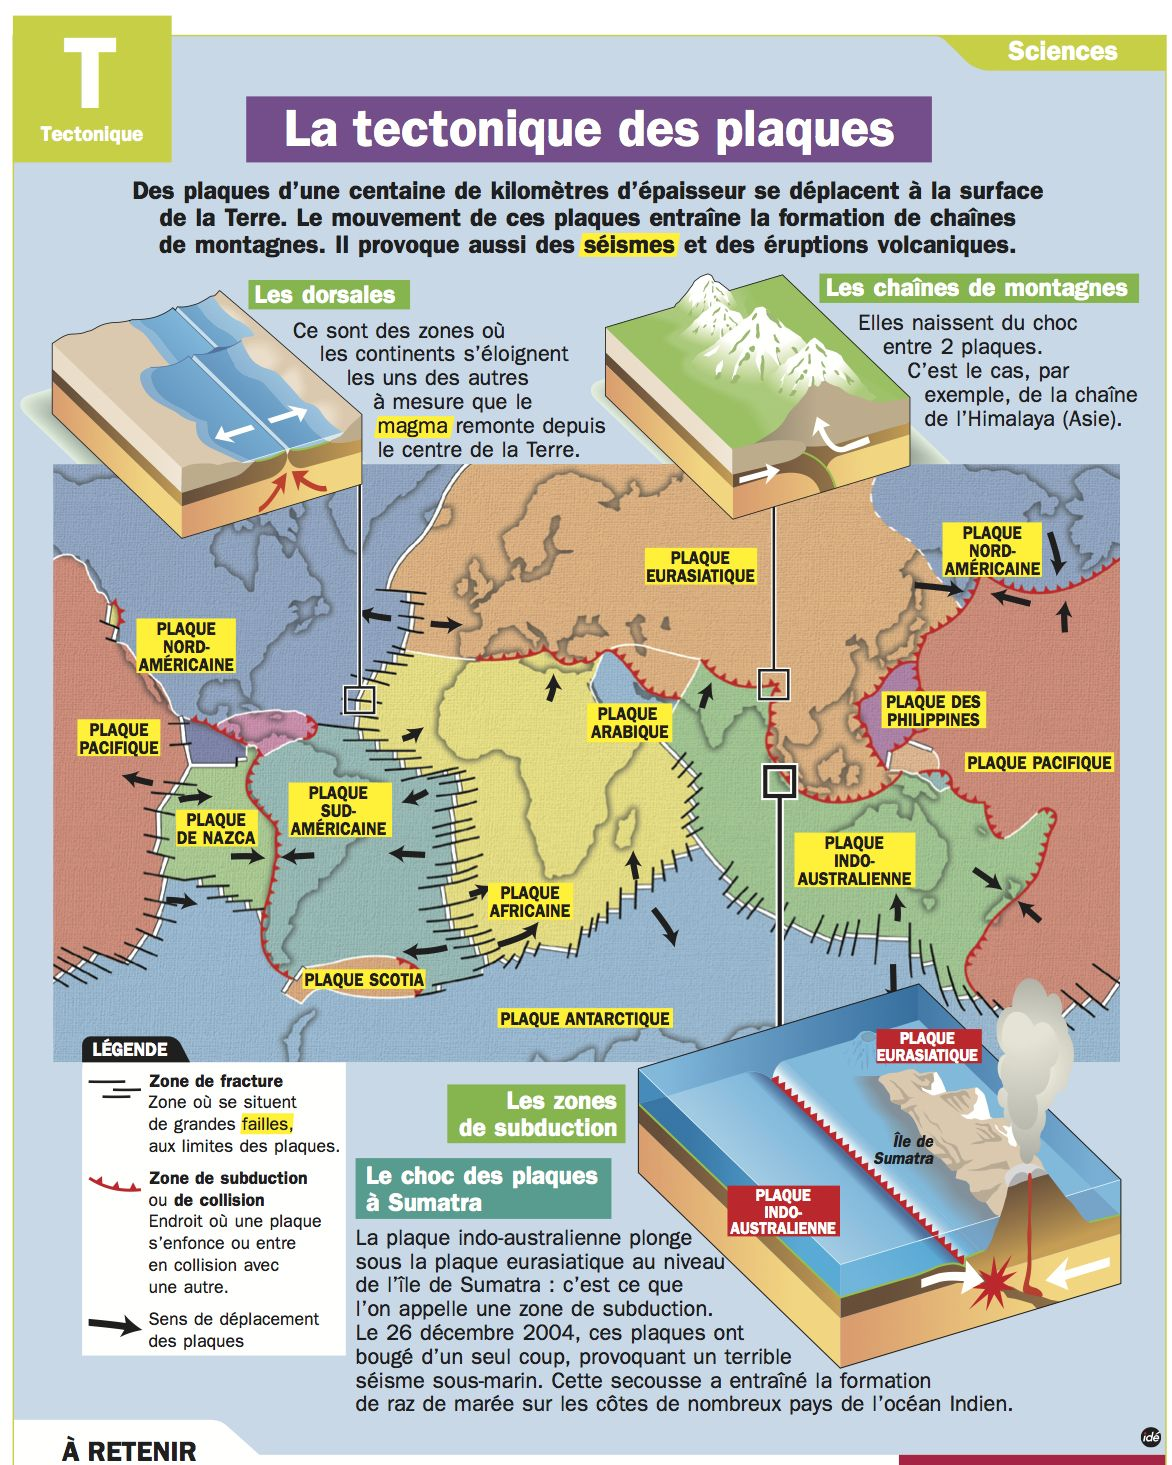 Fiche exposes La tectonique des plaques